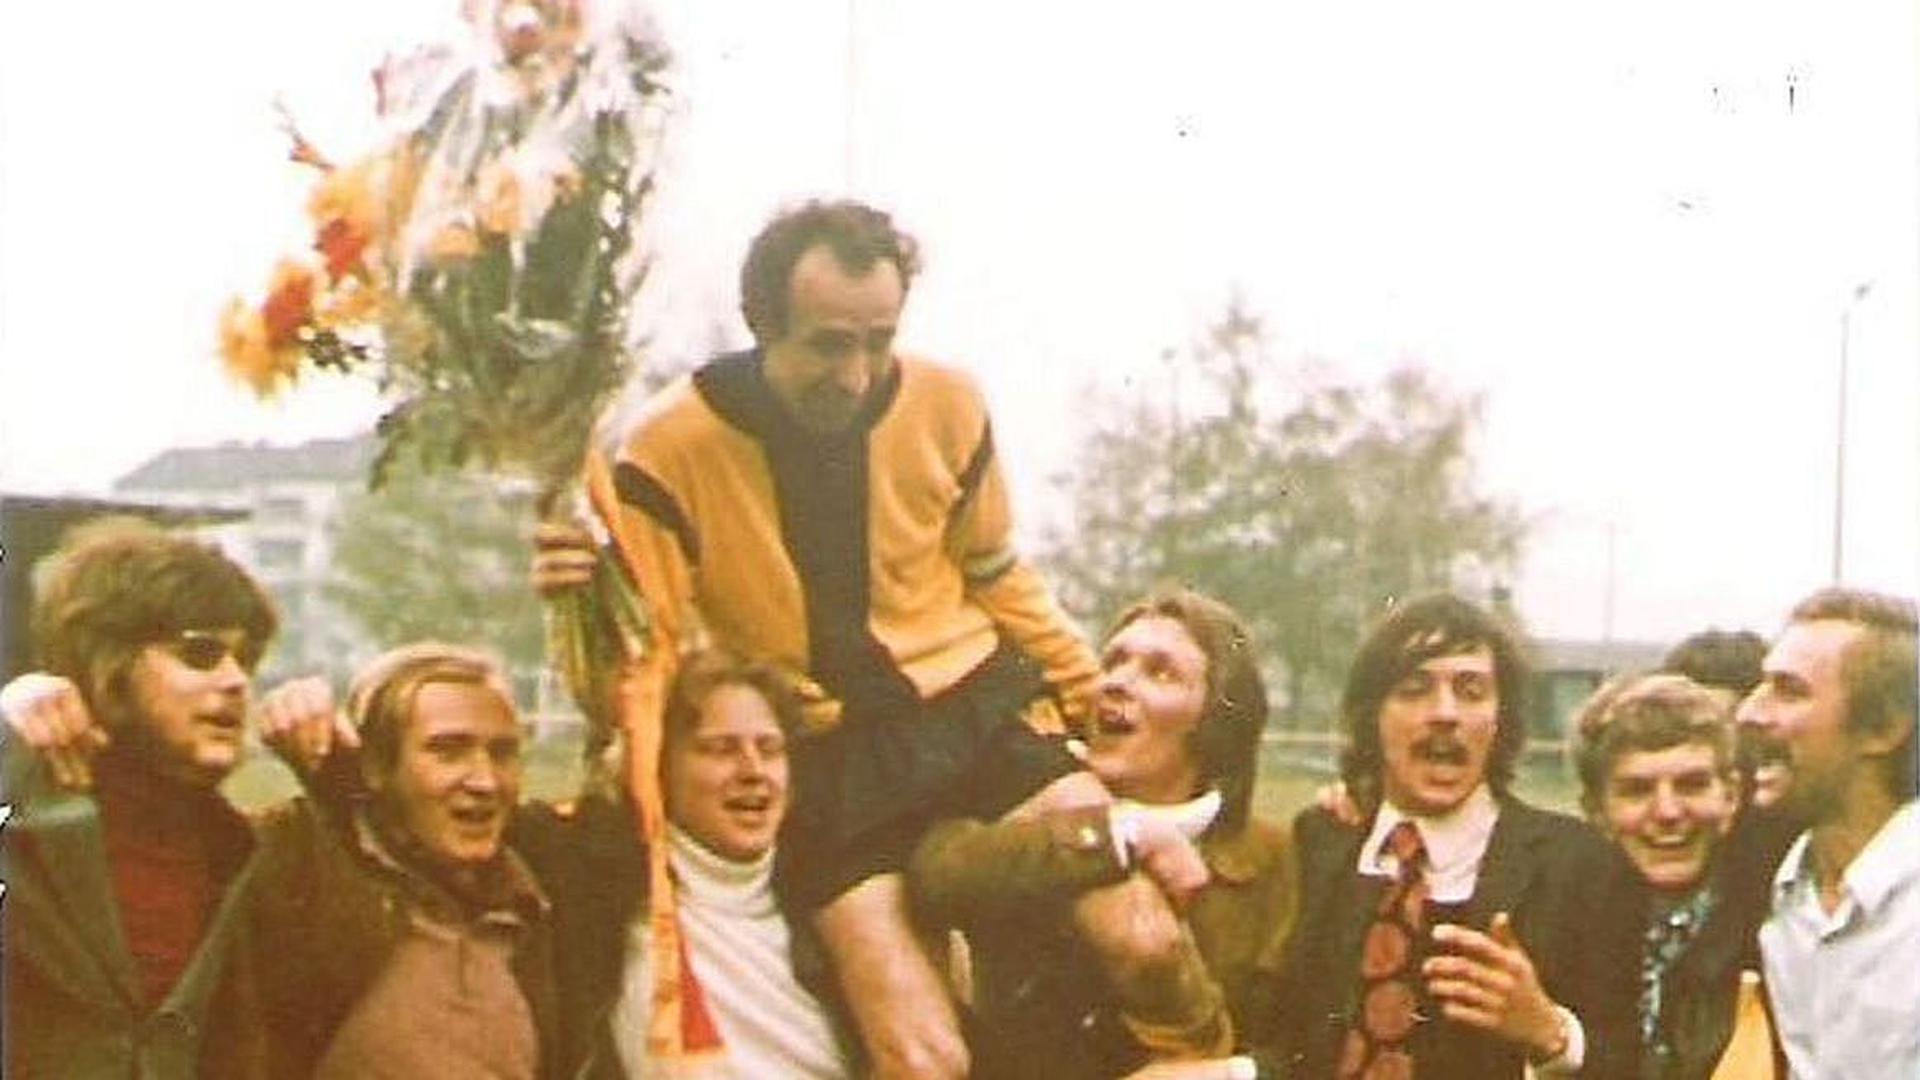 """Auf Händen getragen: Rastatts Kapitän Wolfgang """"Oldes"""" Sievers wird nach dem Titelgewinn vom 04-Fanclub, bei dem Pit Hirn (links), Jürgen Wildau (Vierter von rechts) und Horst Schmalz (rechts) den Ton angaben, gefeiert."""